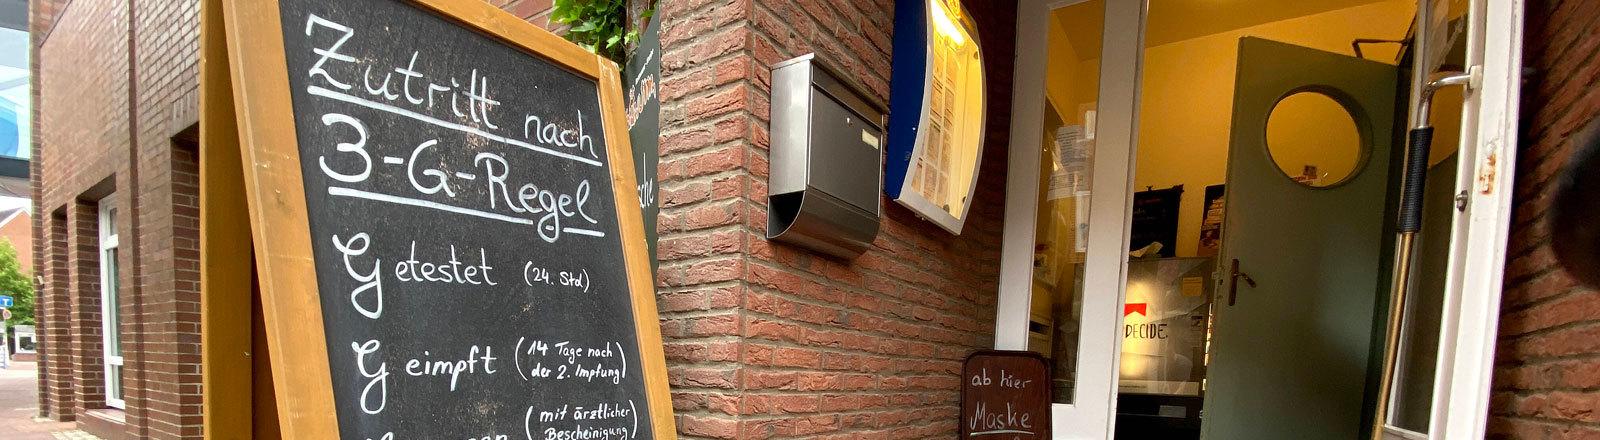 3-G-Regel auf einer Tafel vor einem Restaurant erklärt